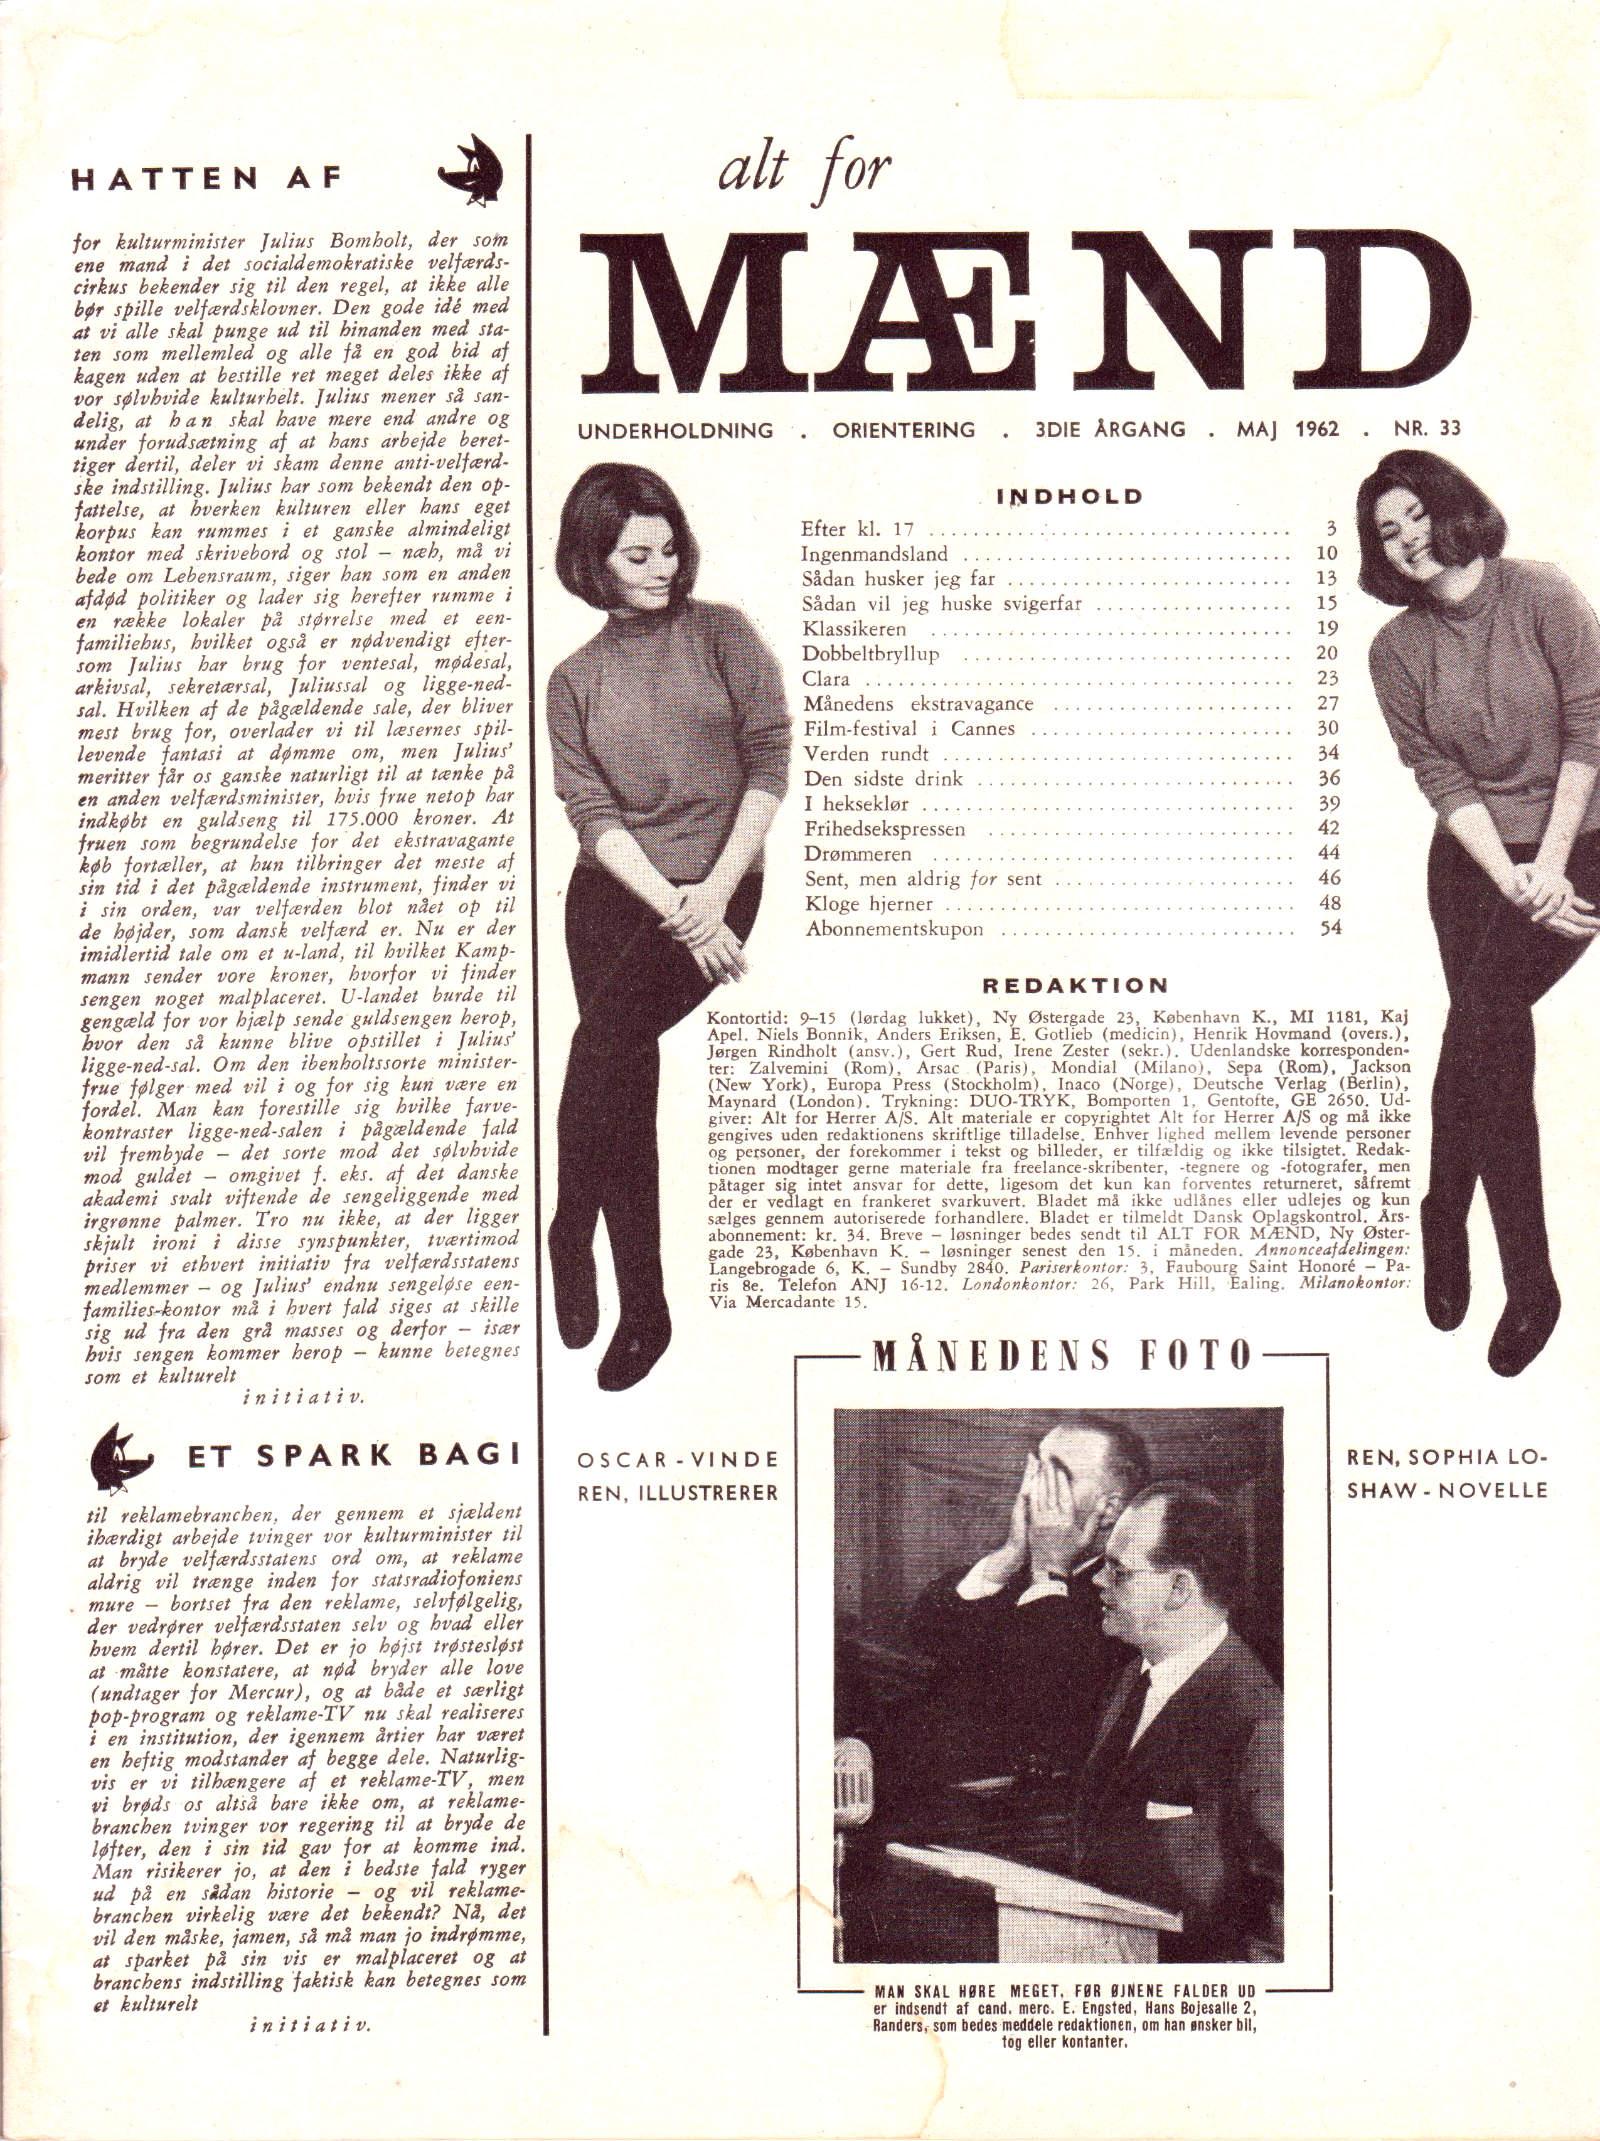 Alt for mænd 33-1962 side 3 indhold